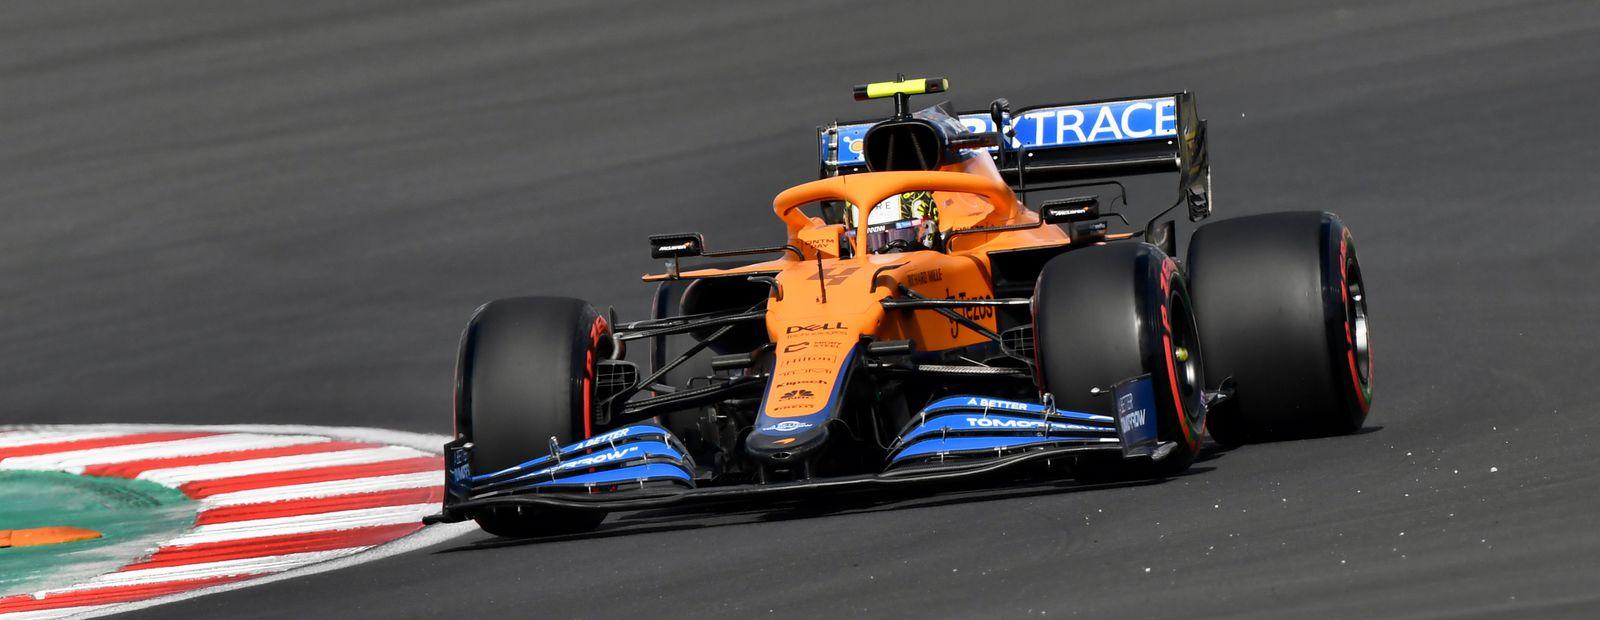 2021 Turkish Grand Prix – Qualifying